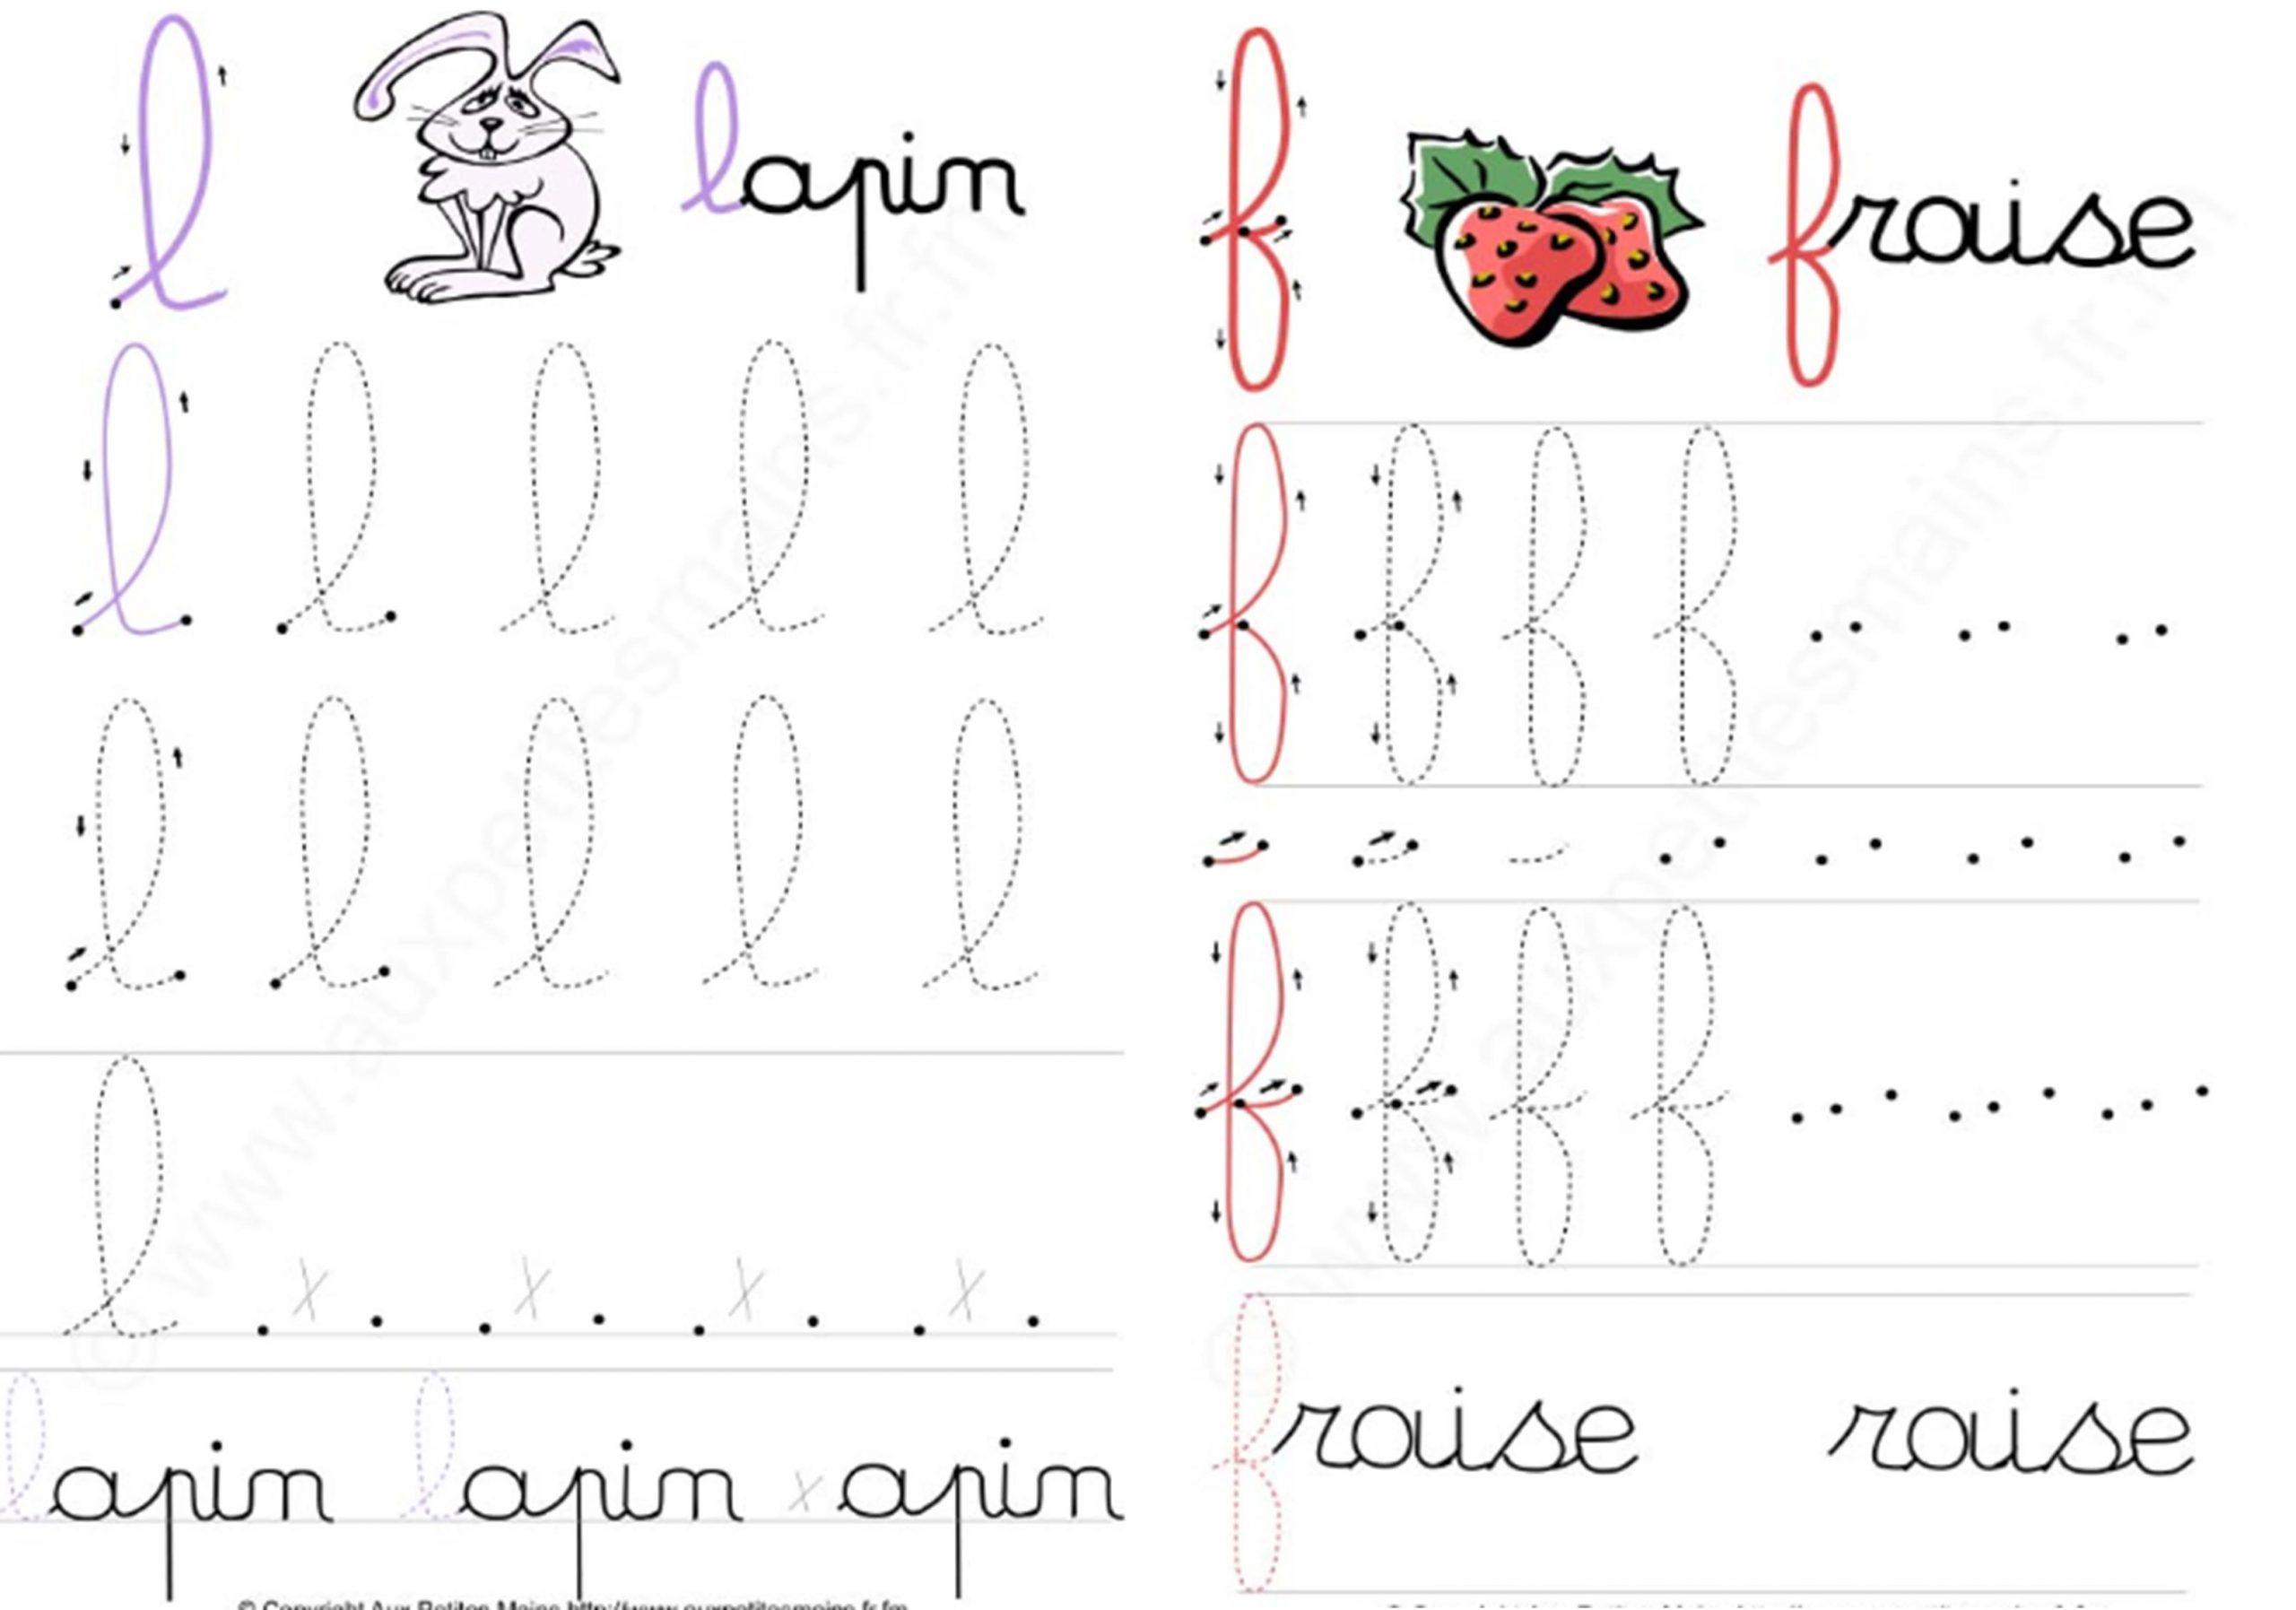 Fichier D'écriture Minuscules Majuscules En Cursif Cp Ce1 à Apprendre A Ecrire Les Lettres En Majuscule